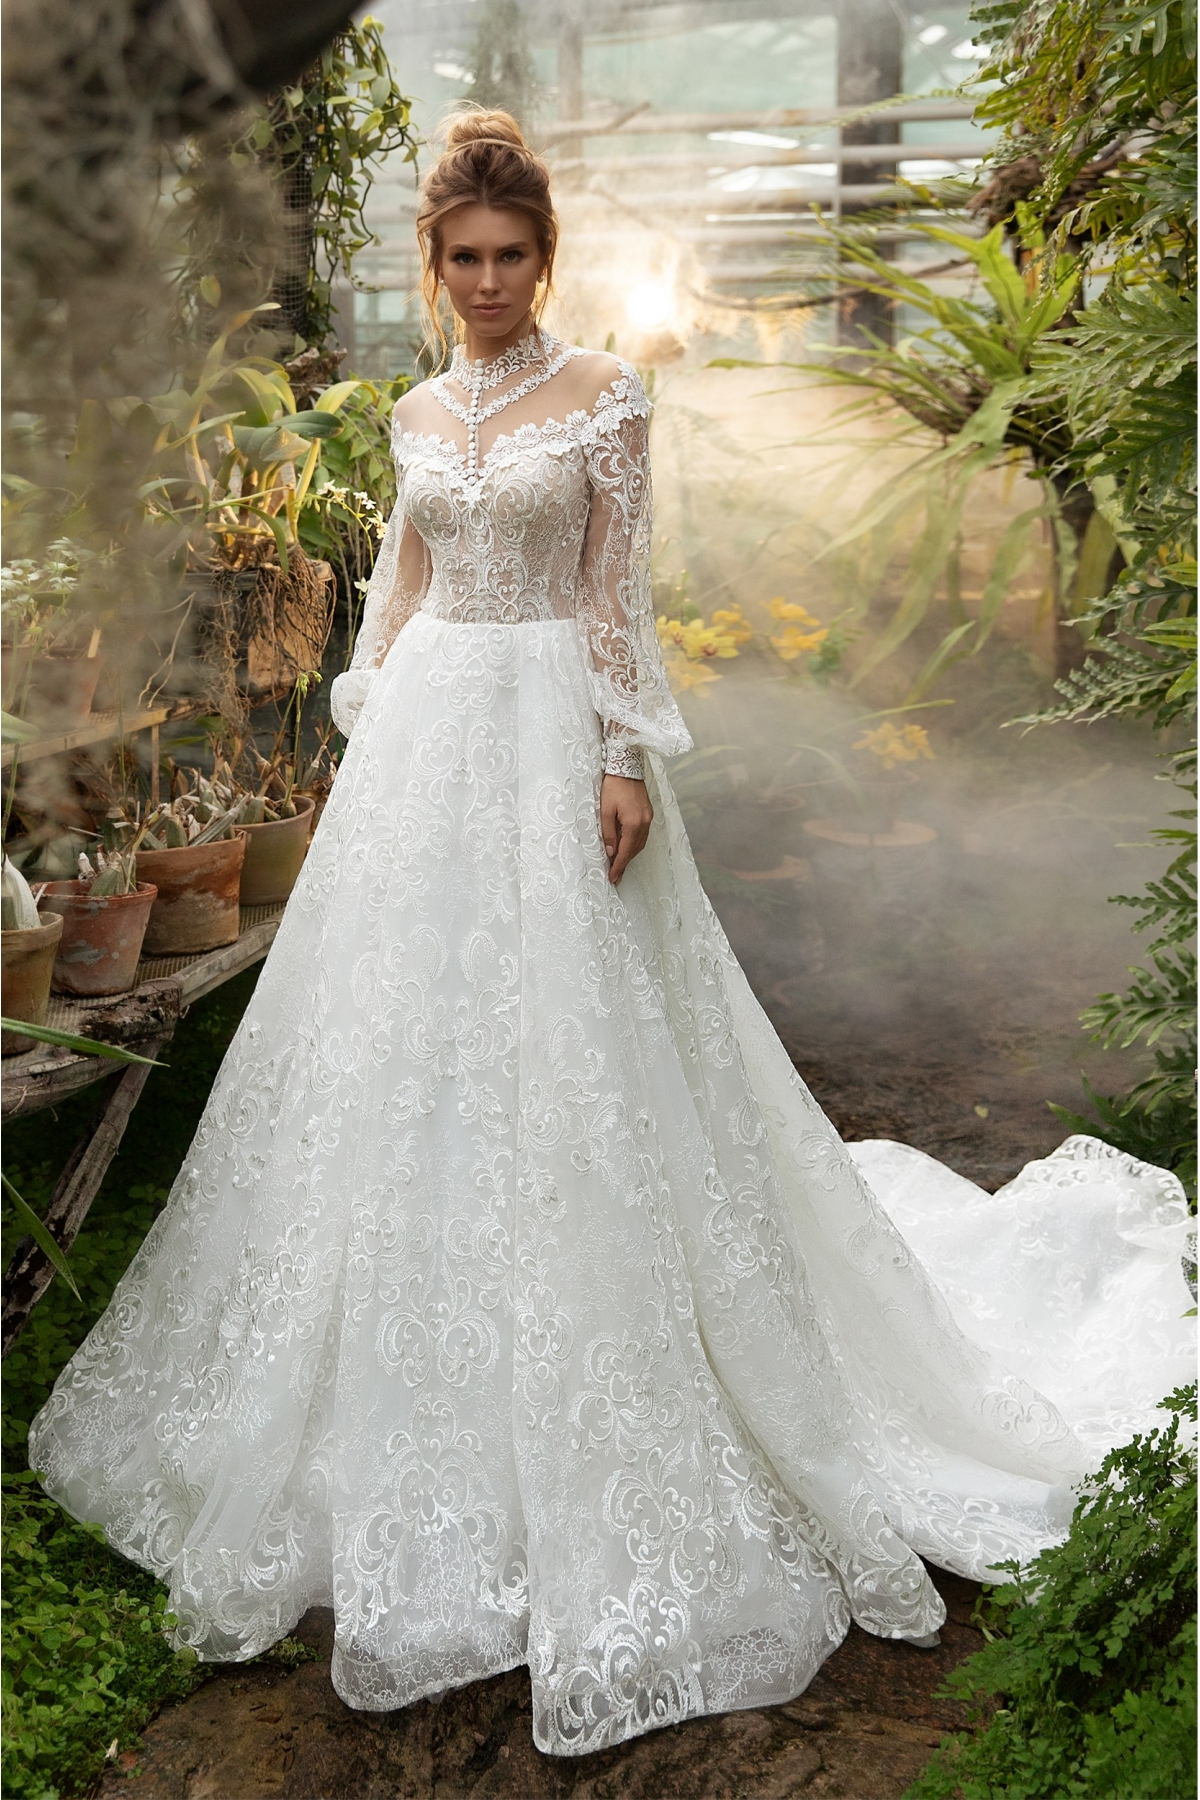 Prekrásne svadobné šaty s balónovými rukávmi.